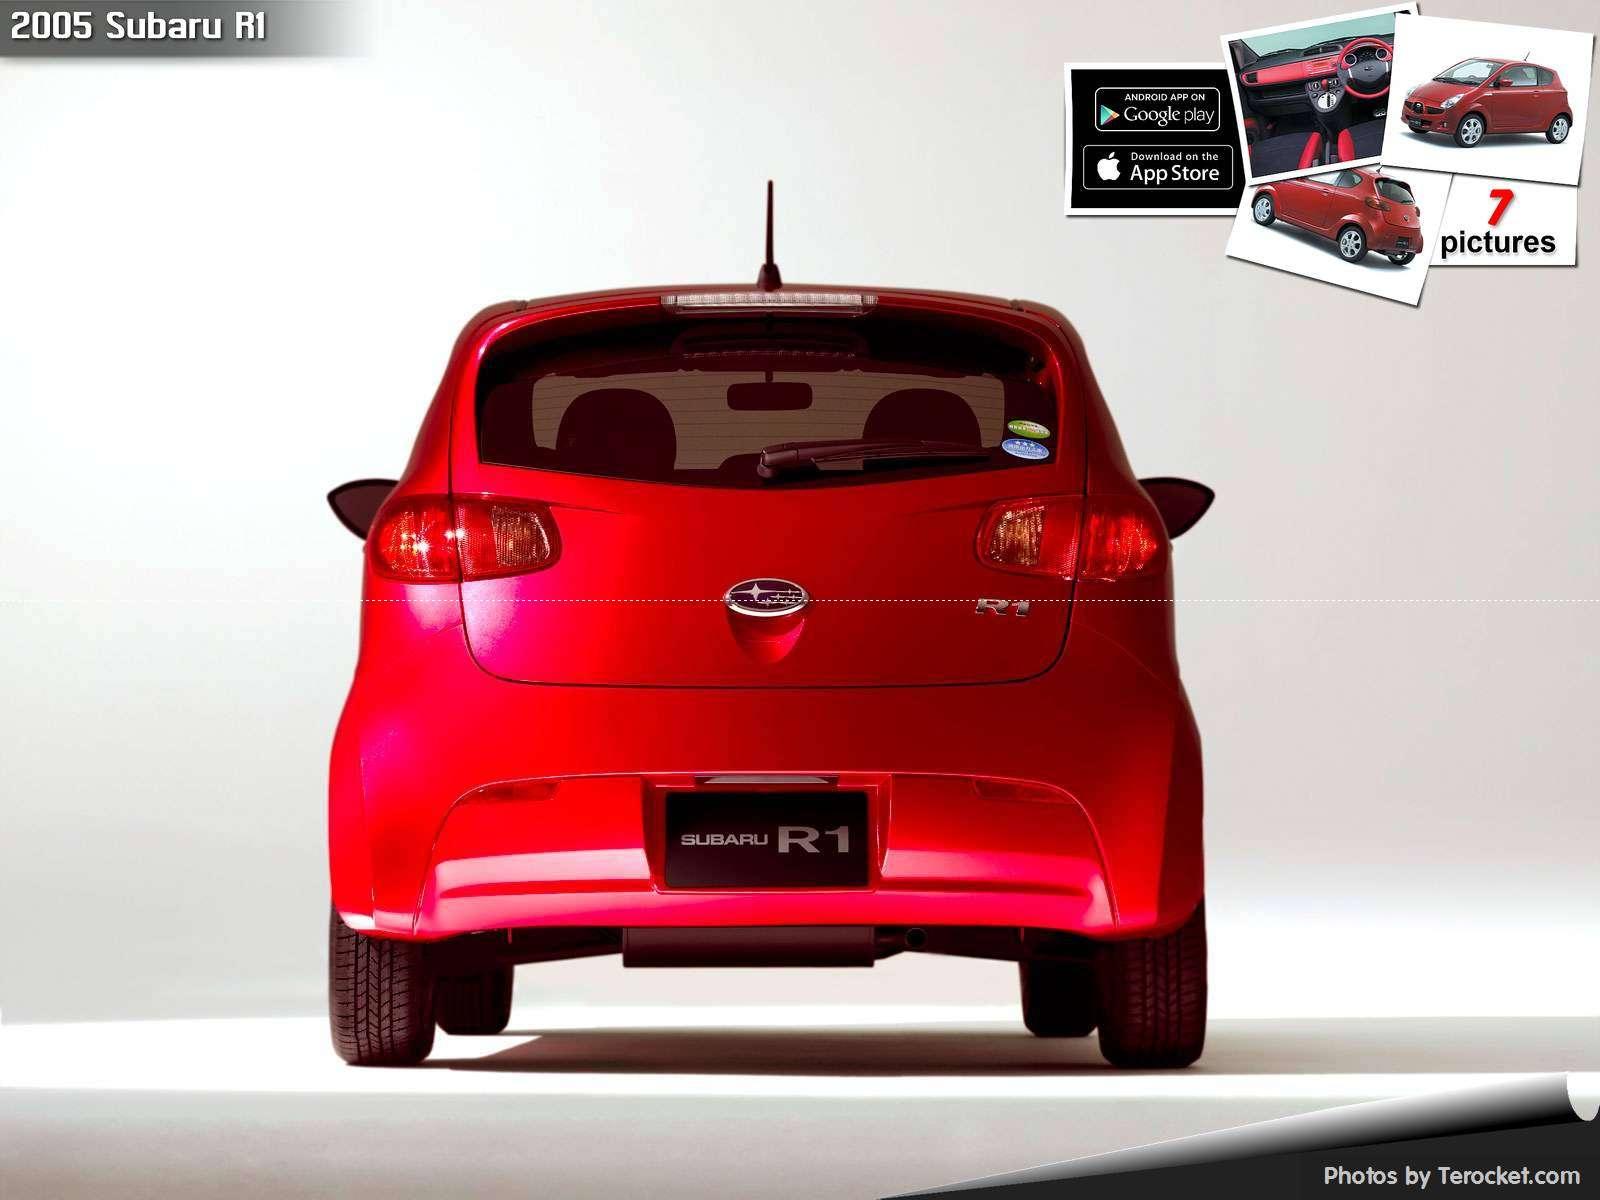 Hình ảnh xe ô tô Subaru R1 2005 & nội ngoại thất